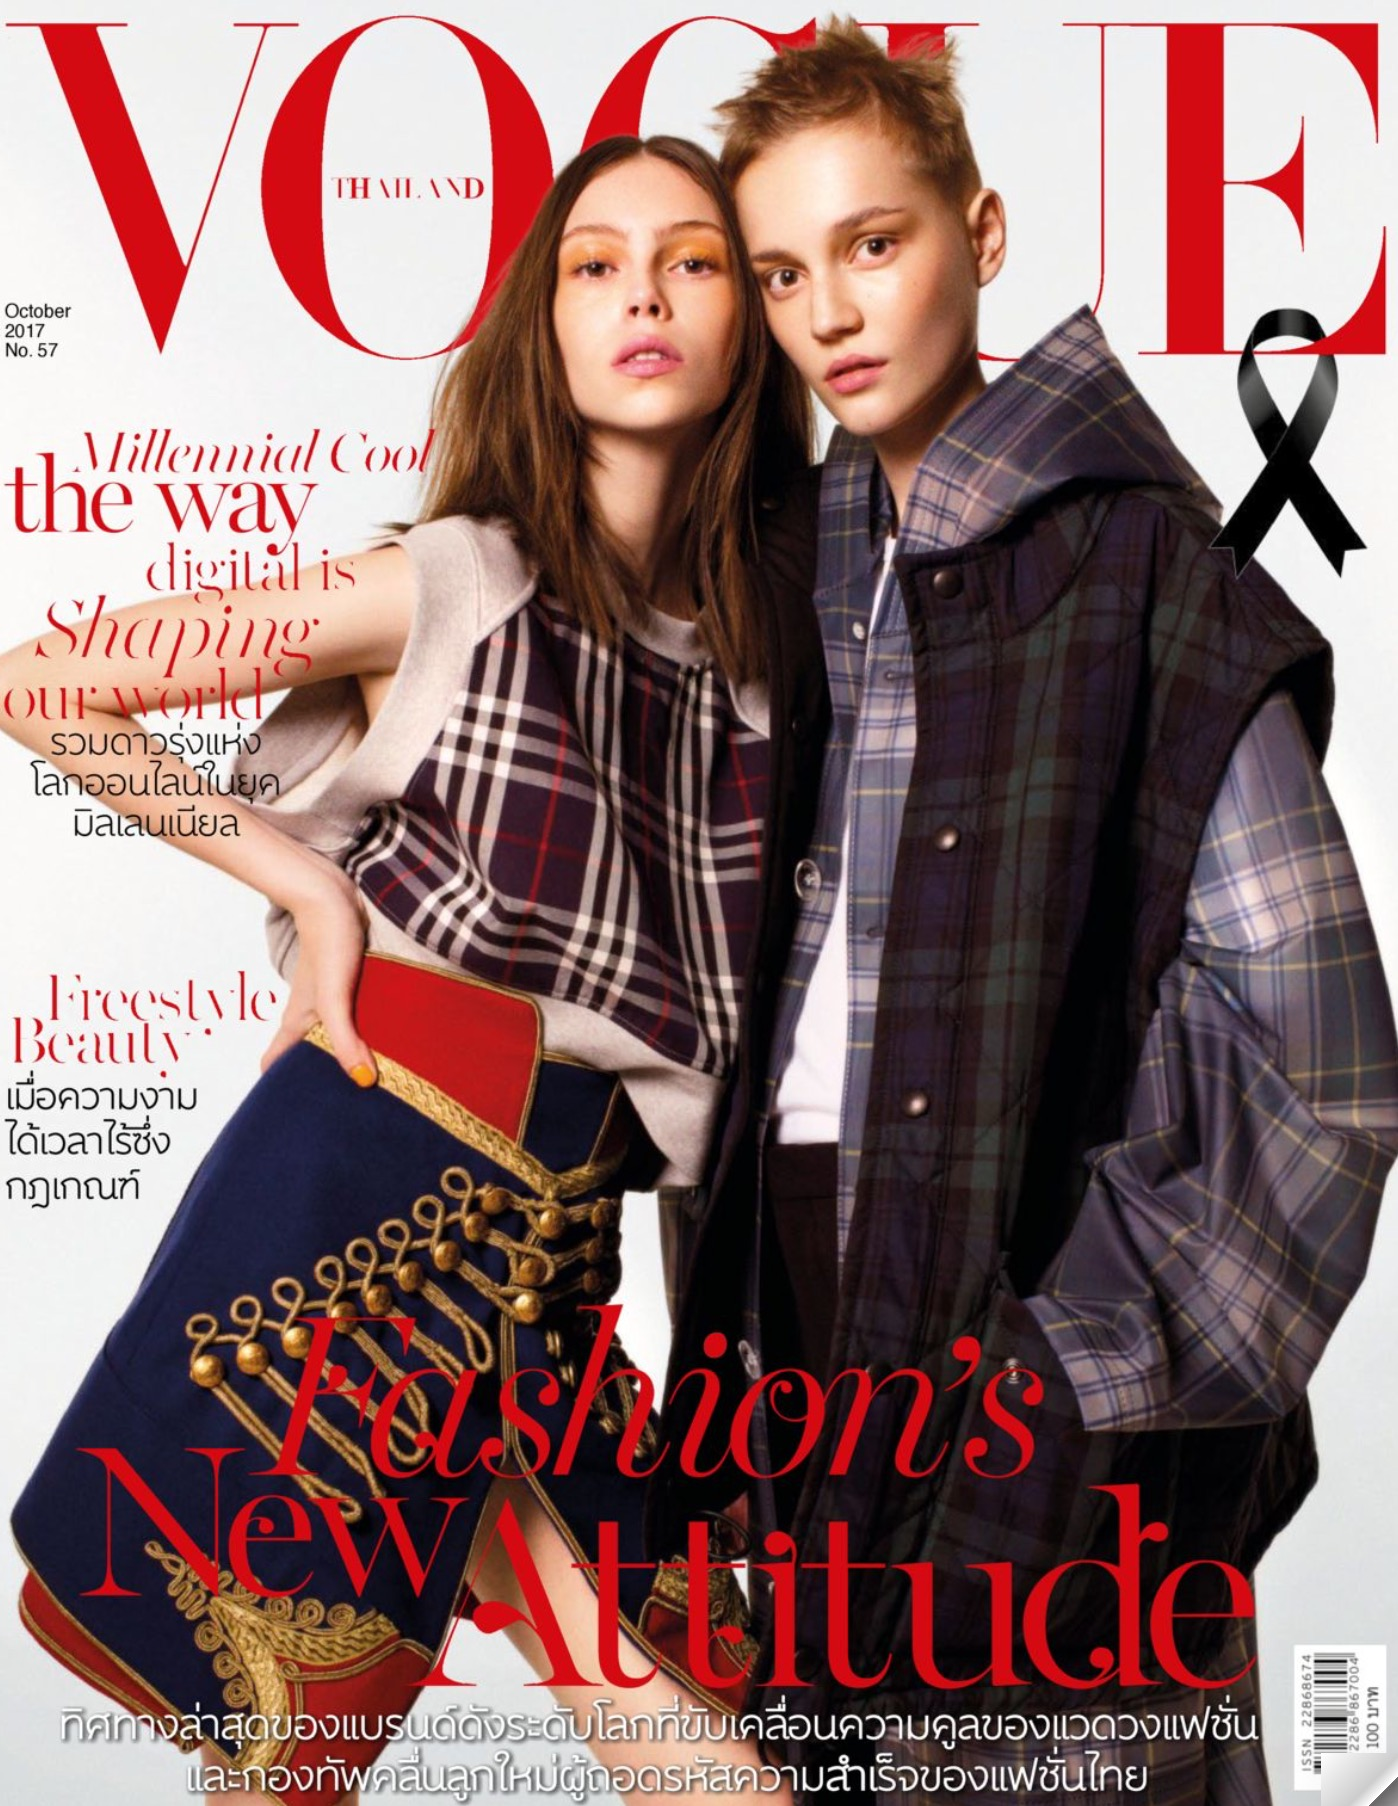 Vogue Thailand Oct 2017